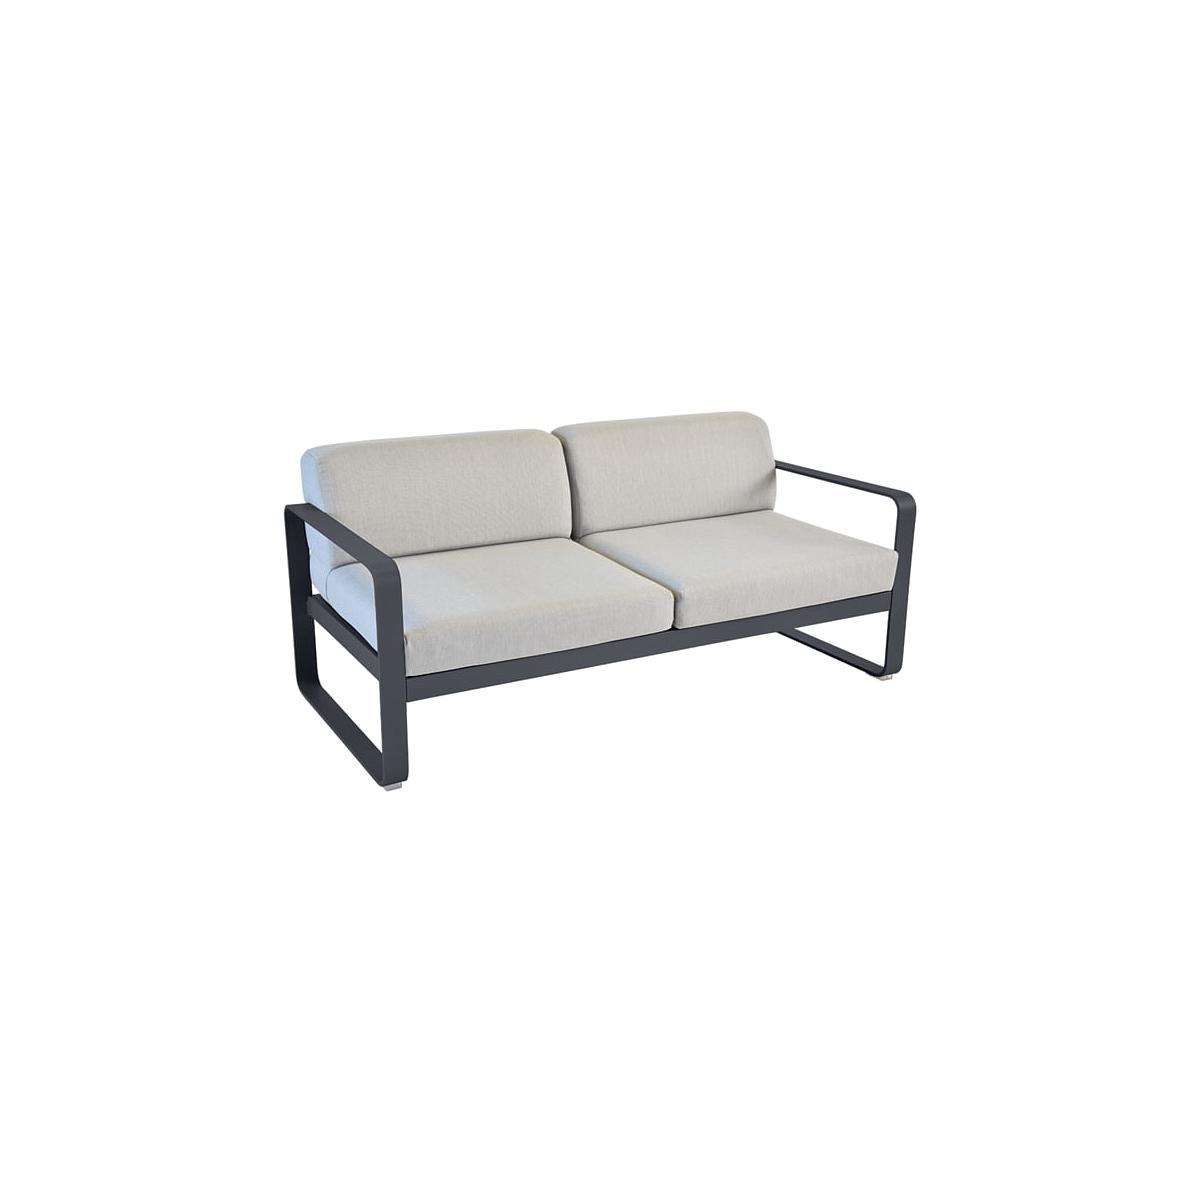 Canapé de jardin BELLEVIE Fermob CARBONE coussins gris flanelle